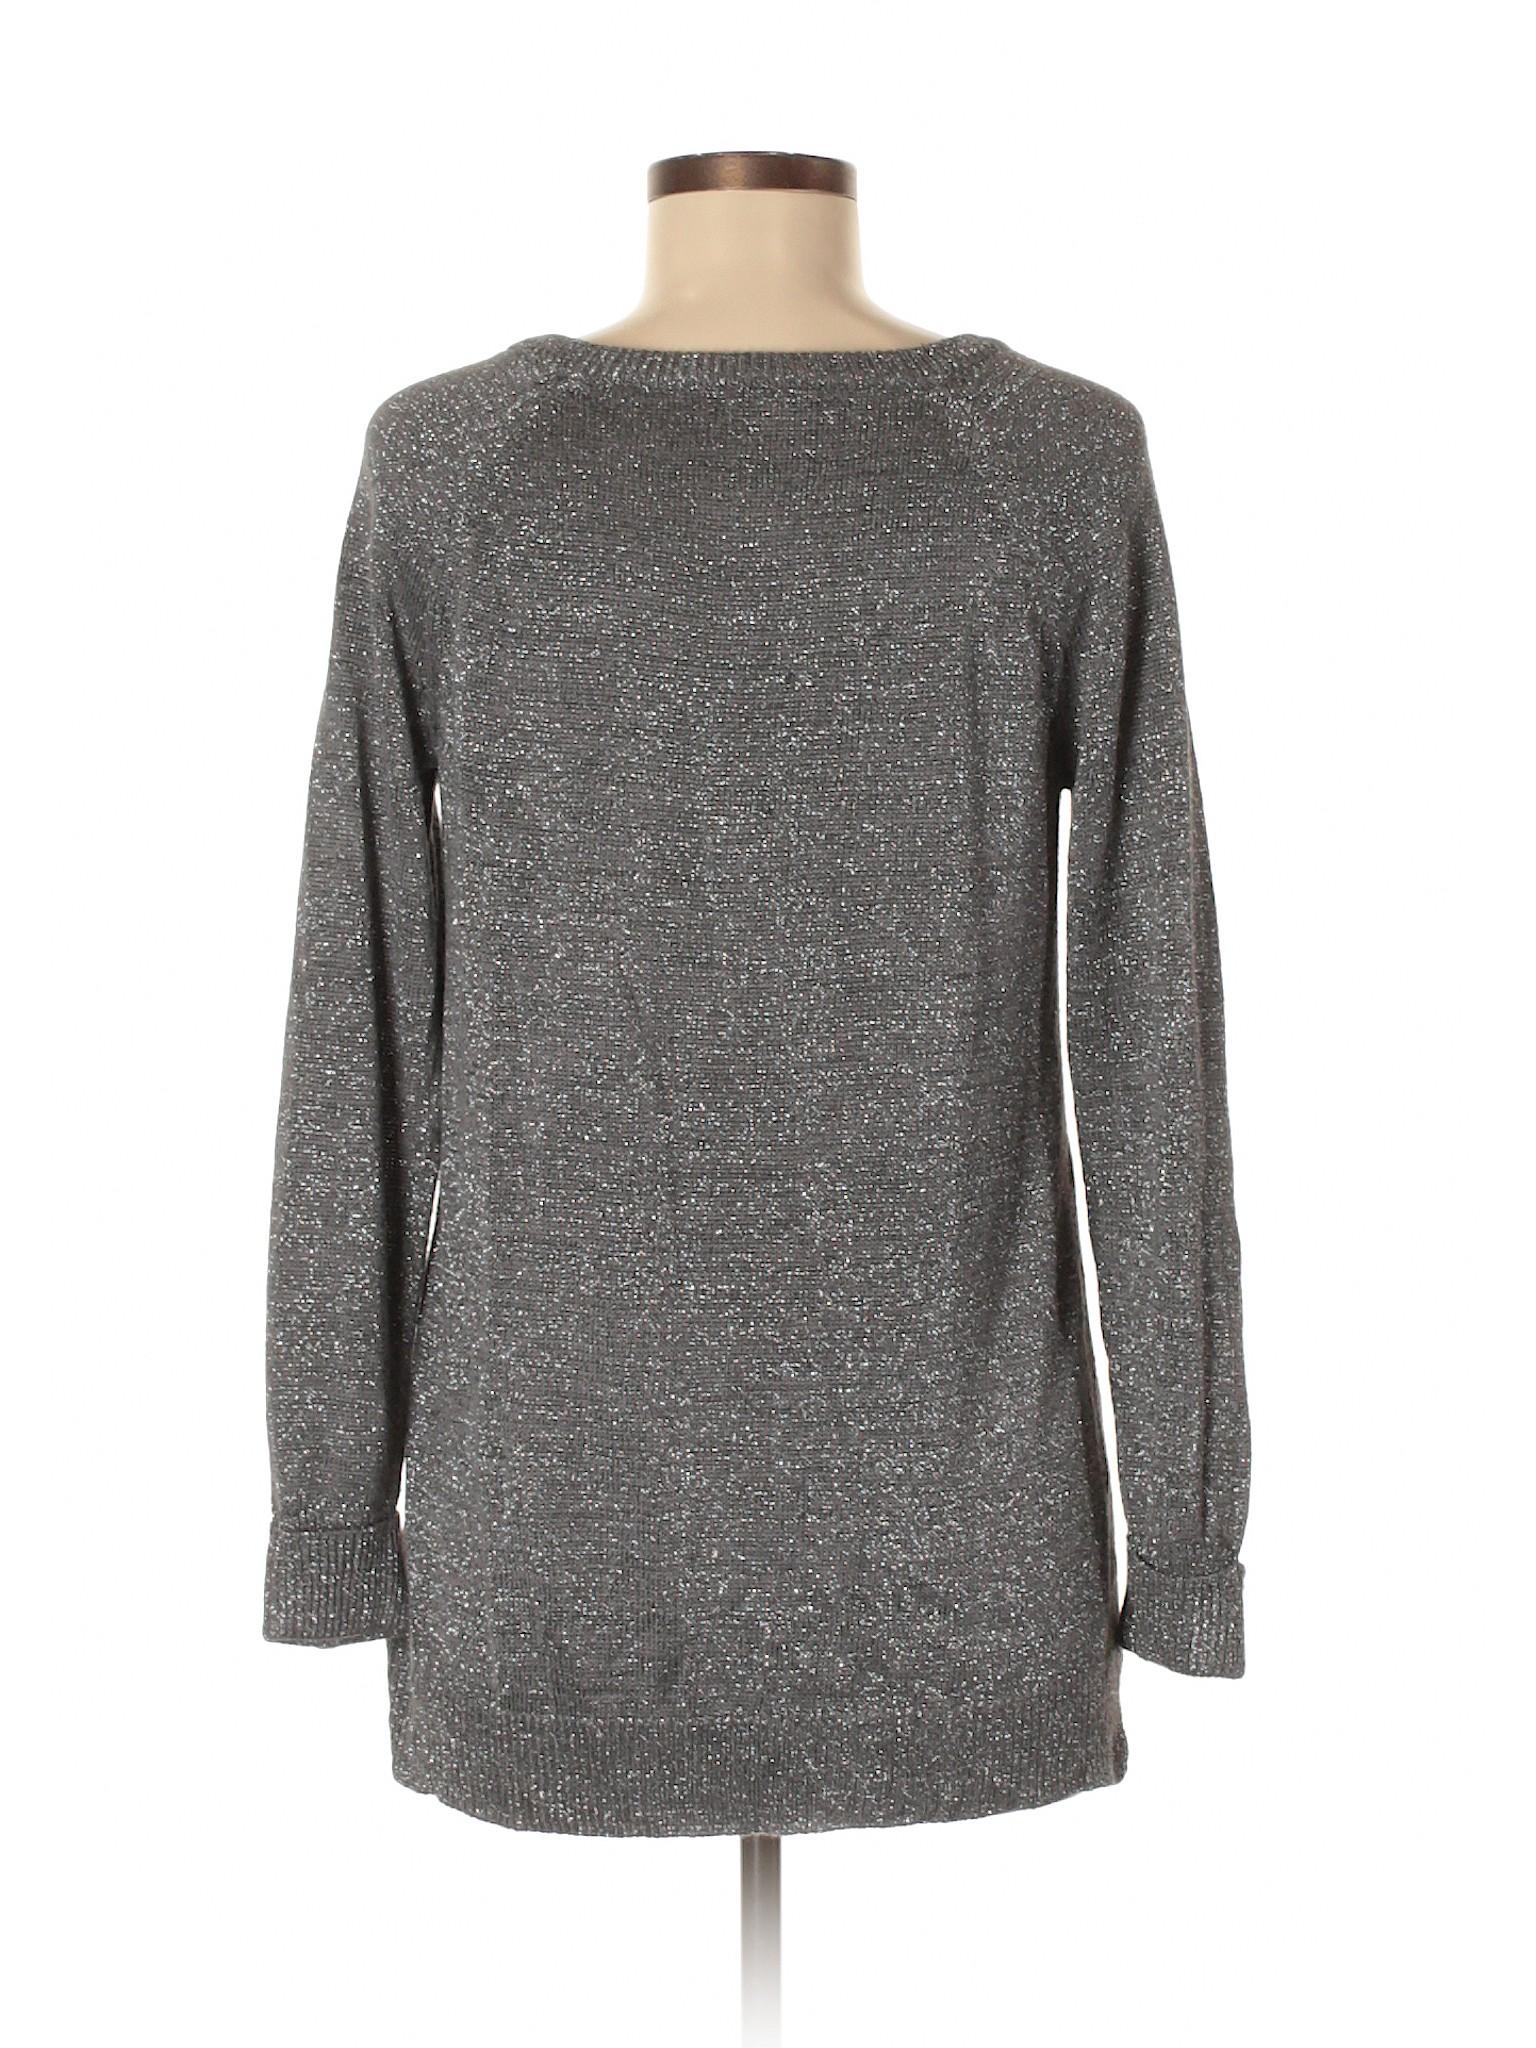 Boutique Boutique Cupio winter Cupio Cupio Sweater winter winter Pullover Boutique Sweater winter Pullover Pullover Boutique Sweater Pq8raPRw